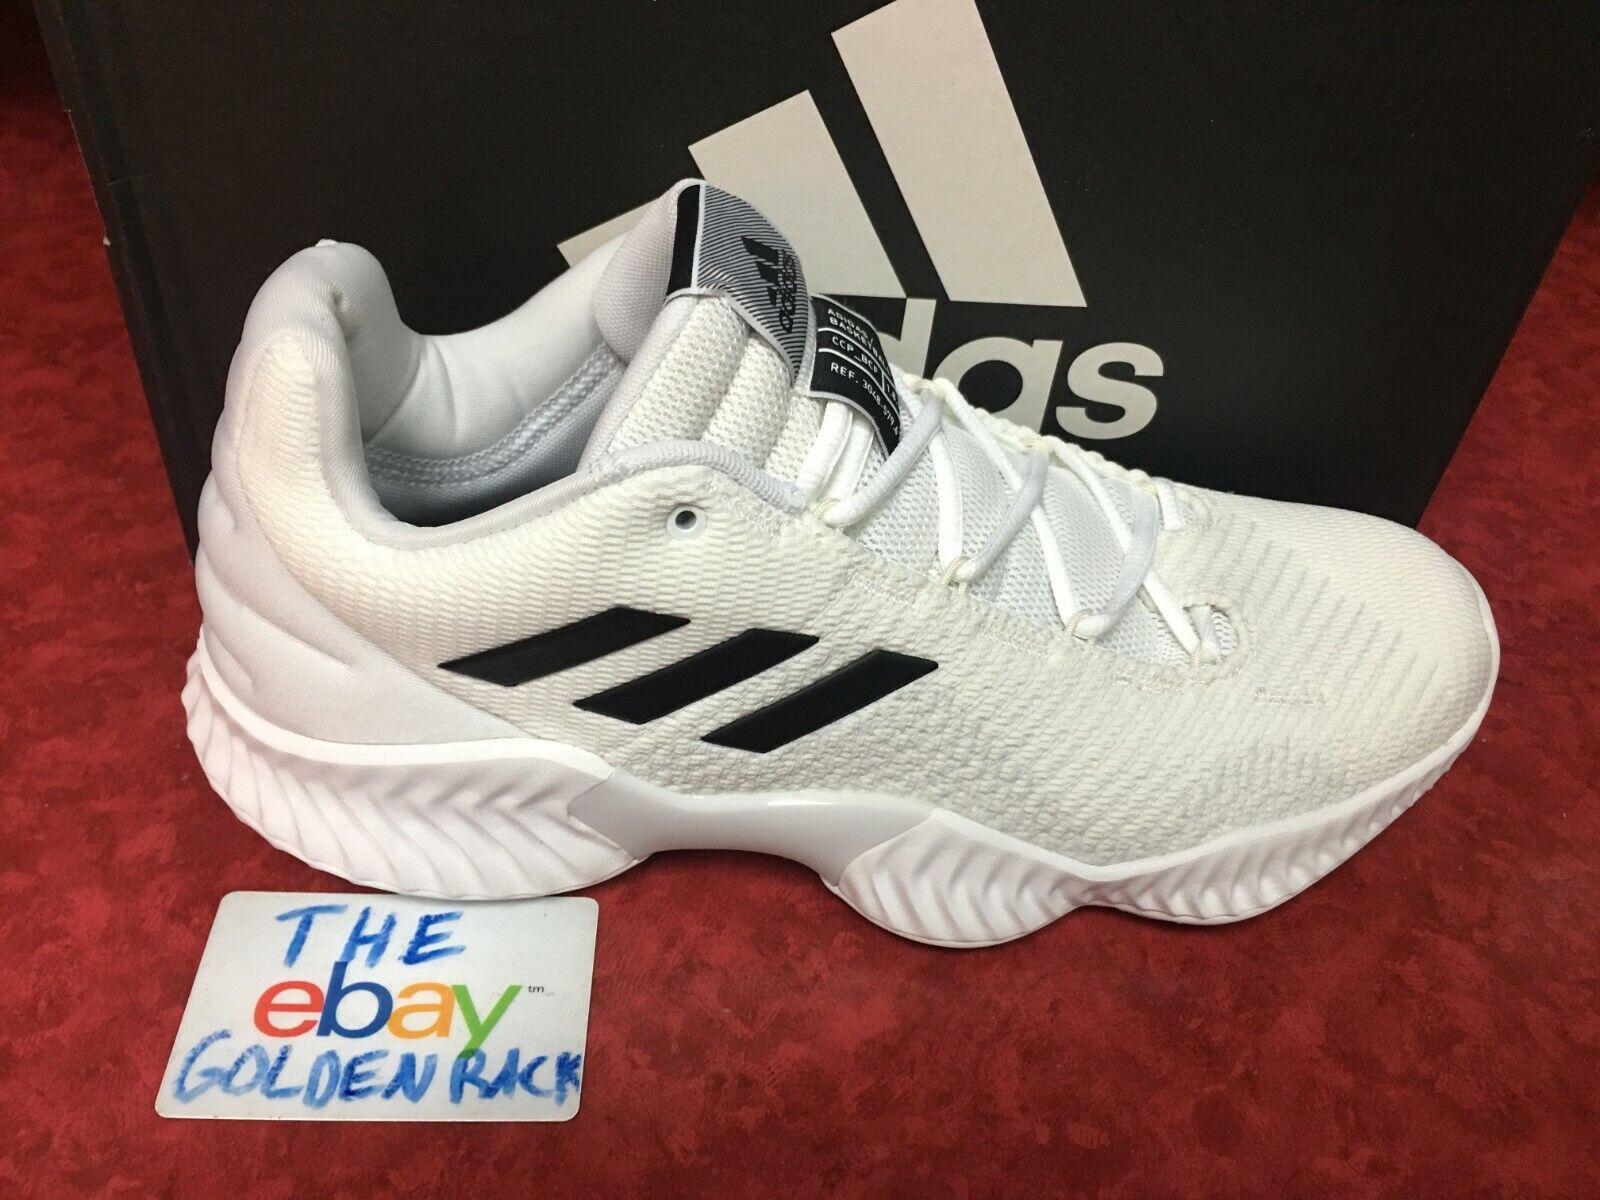 Adidas Pro Bounce Low BB7410 Men Basketball Shoes White/Black SZ 11